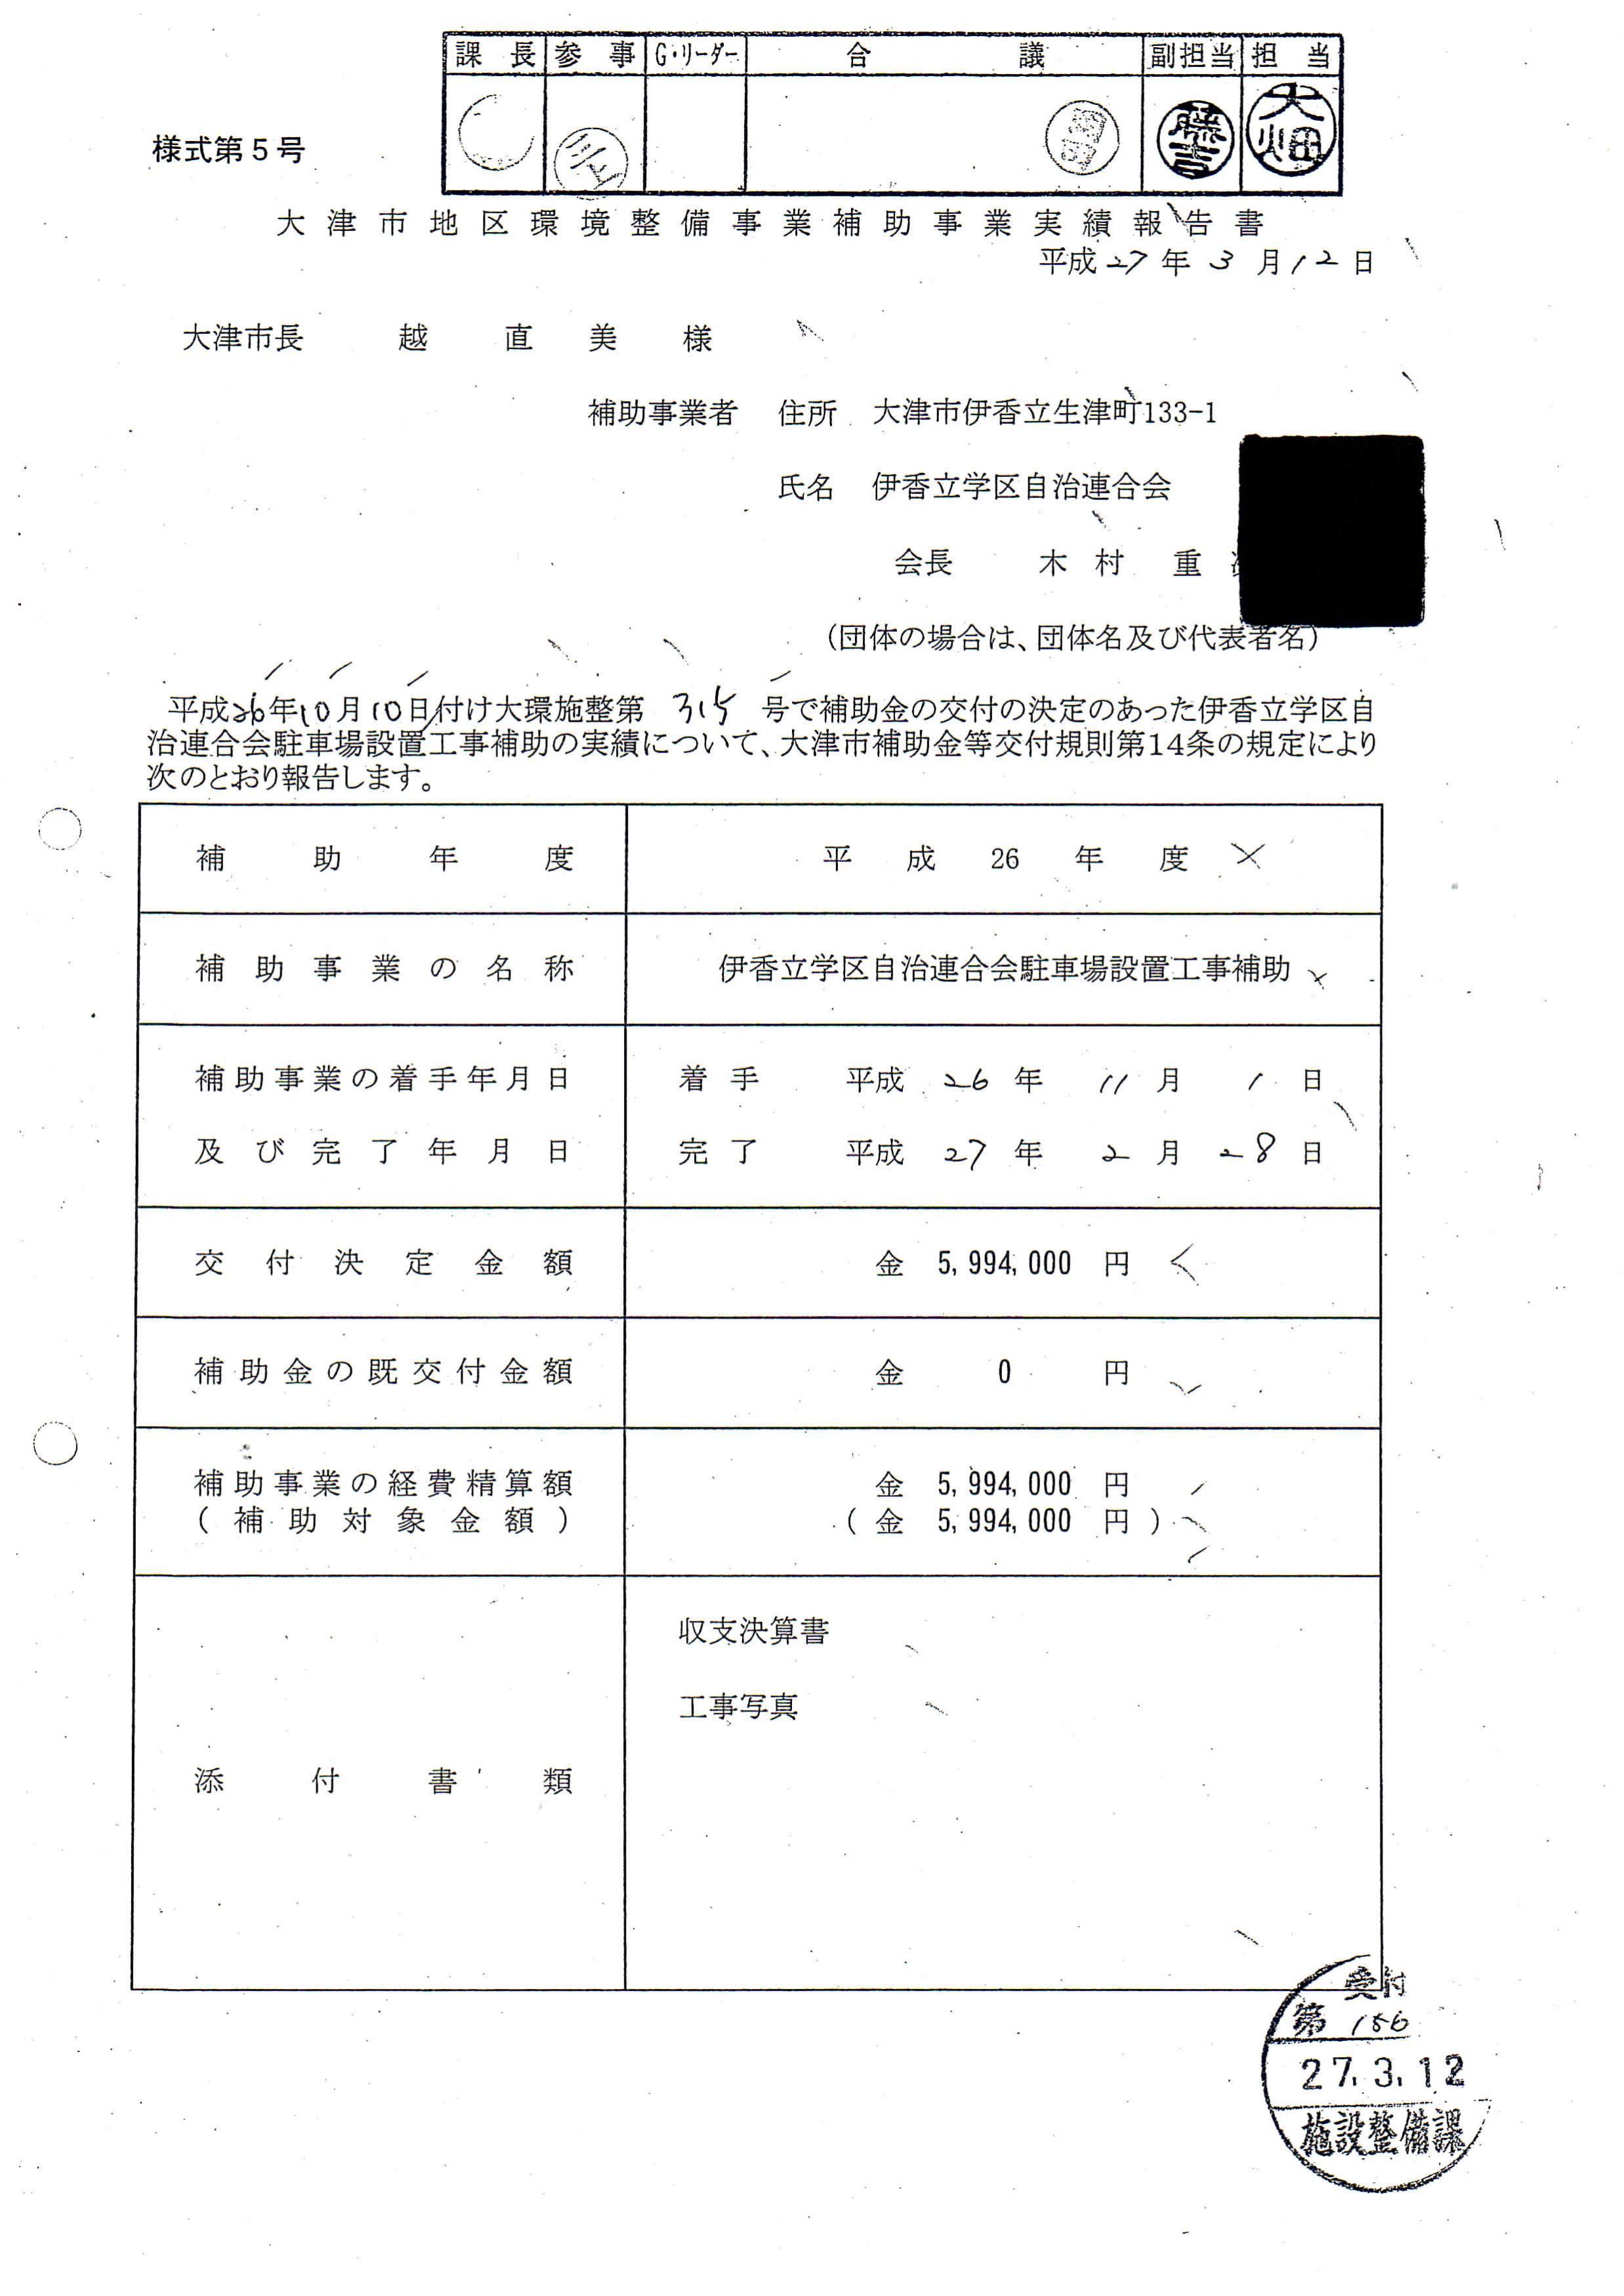 大津市地区環境整備事業事業実績報告書(伊香立自治連駐車場)_01